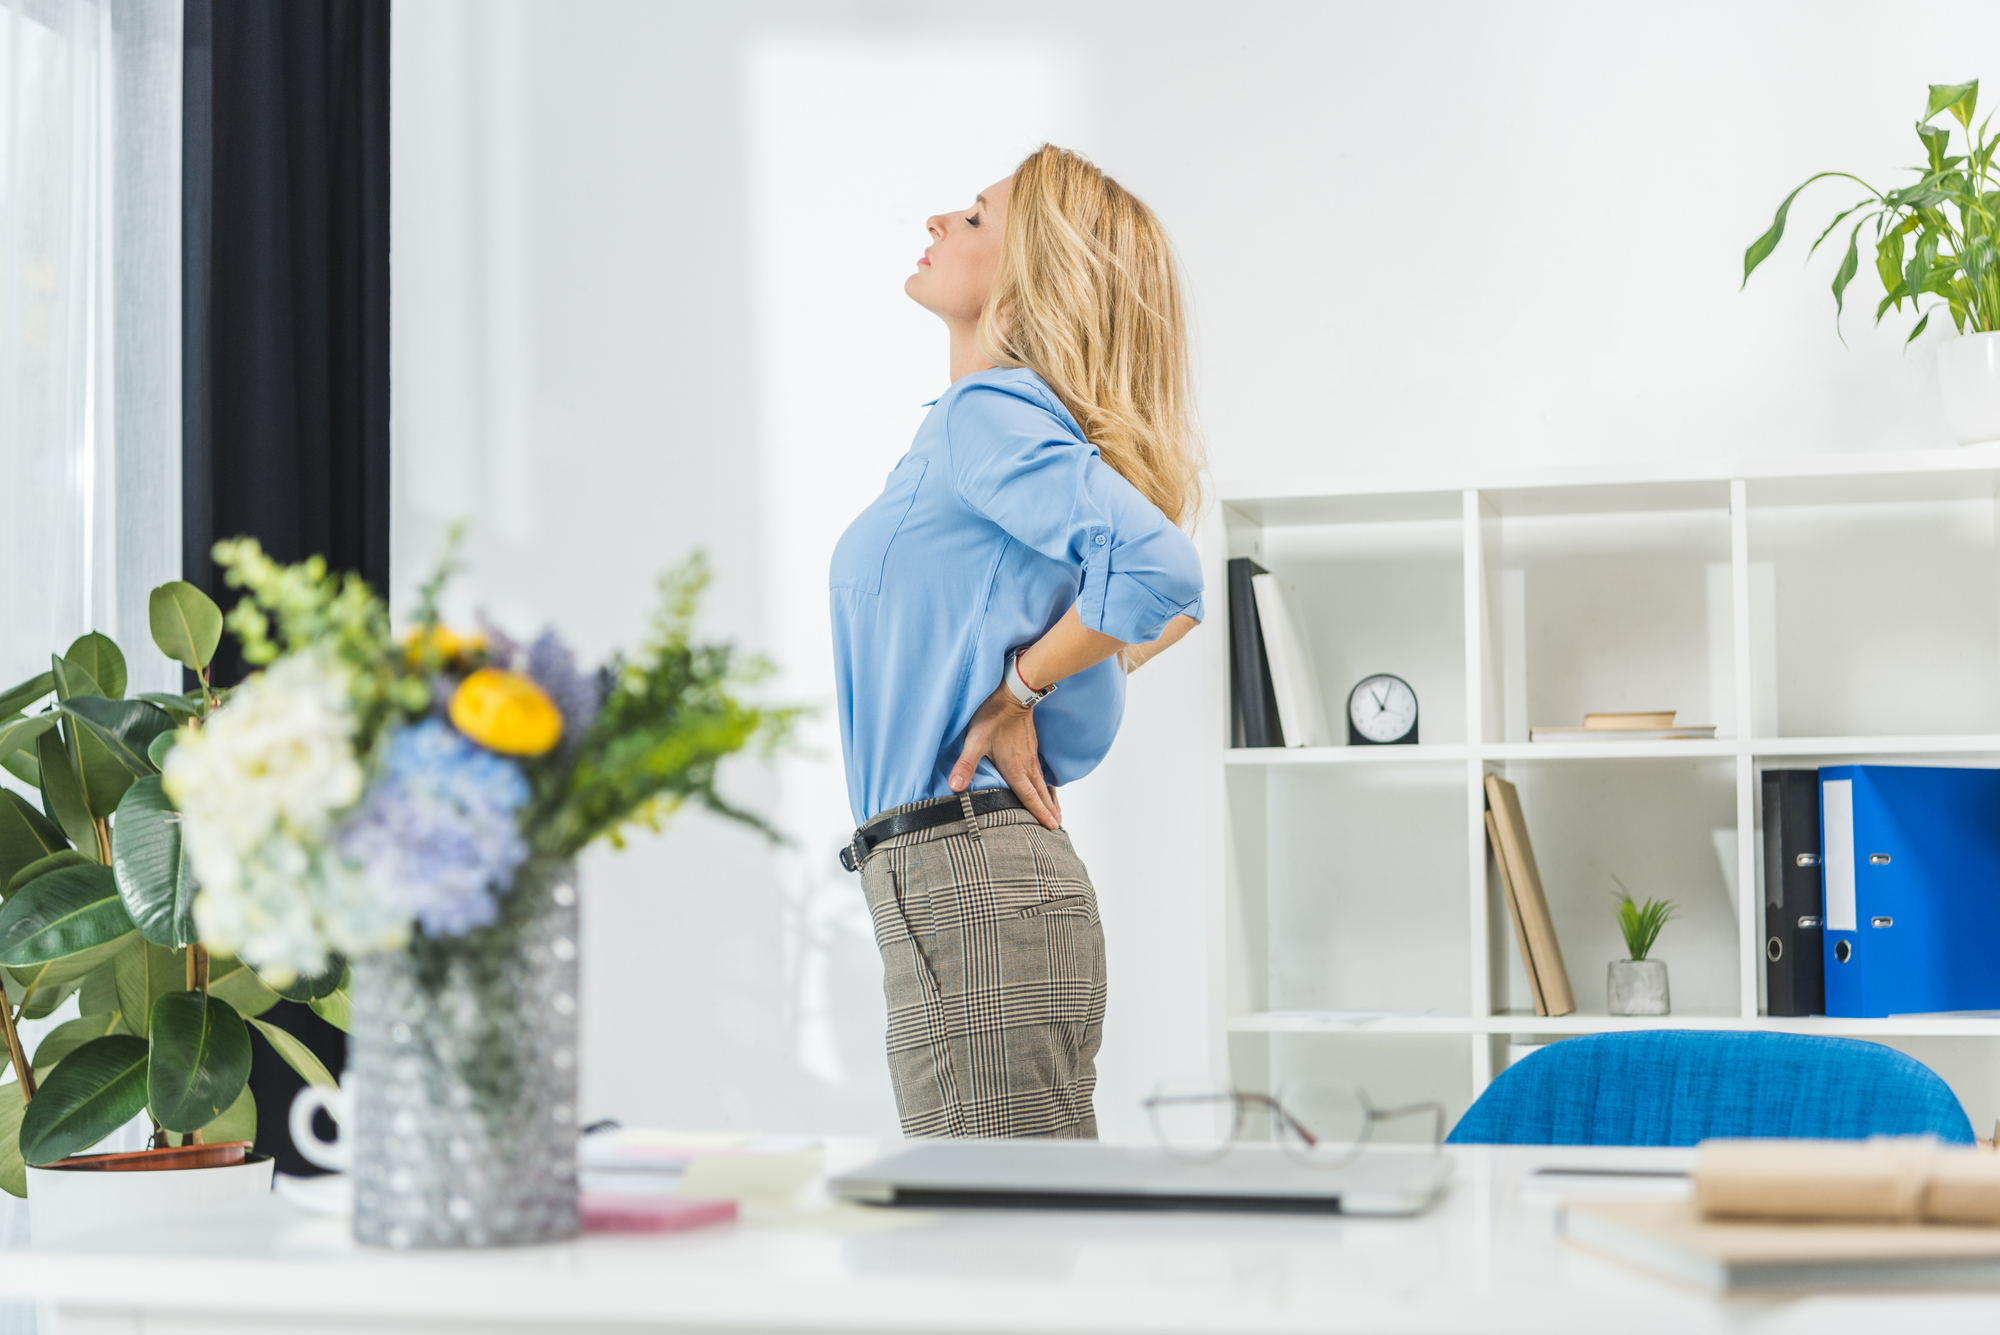 ergonomischer bürostuhl mit beweglicher sitzfläche